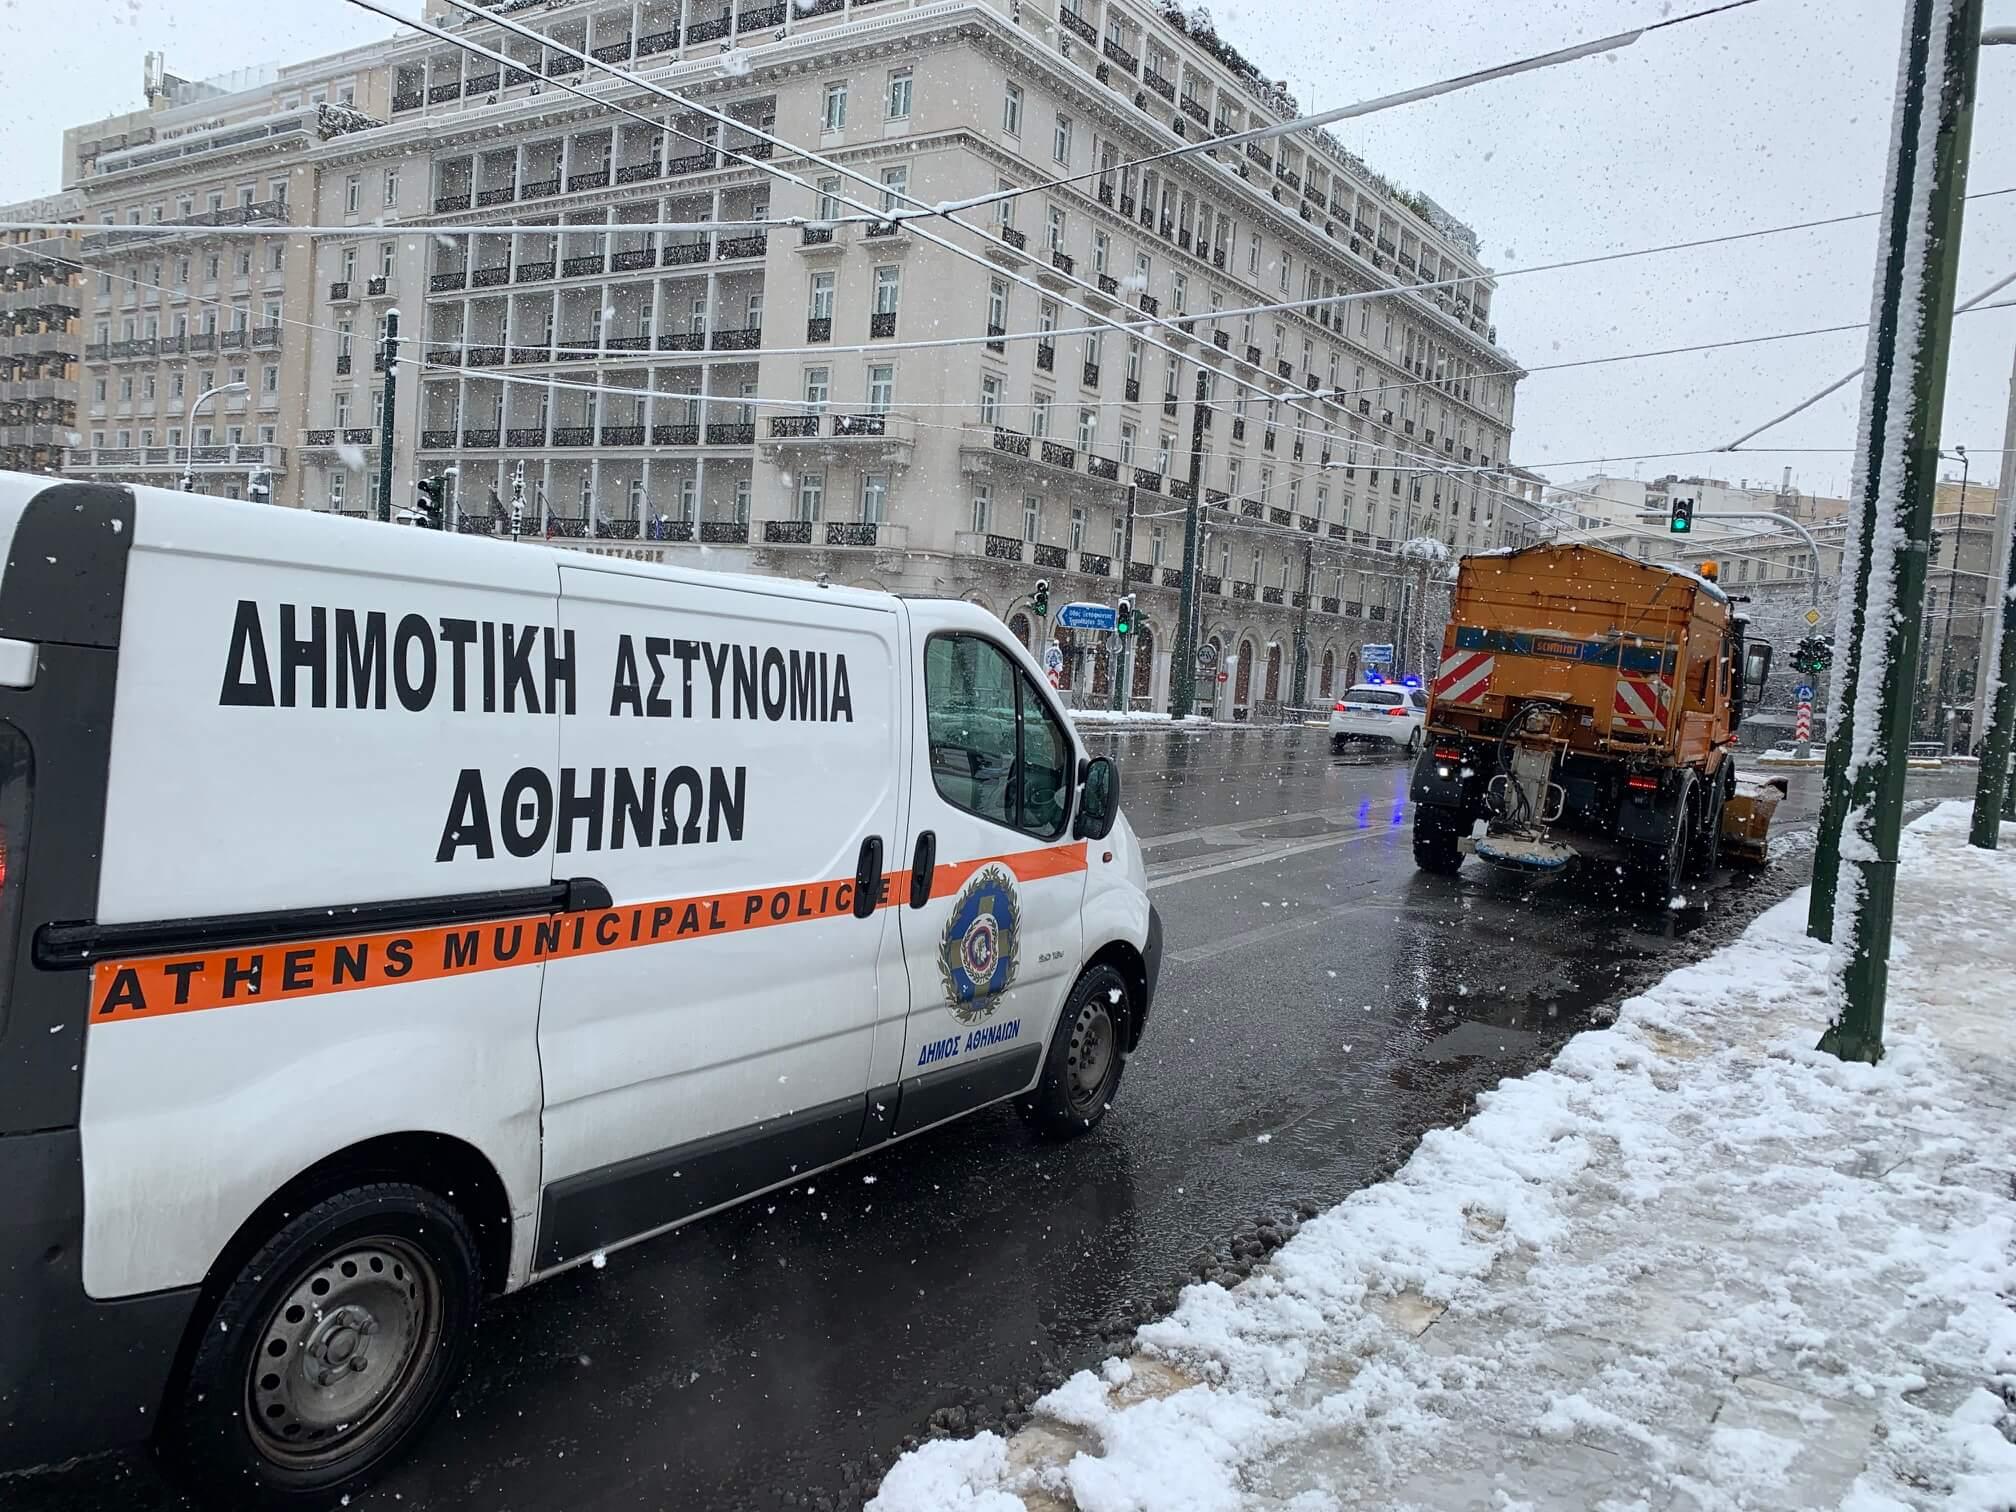 Αθήνα: Σε όλους τους δρόμους 37 μηχανήματα του Δήμου